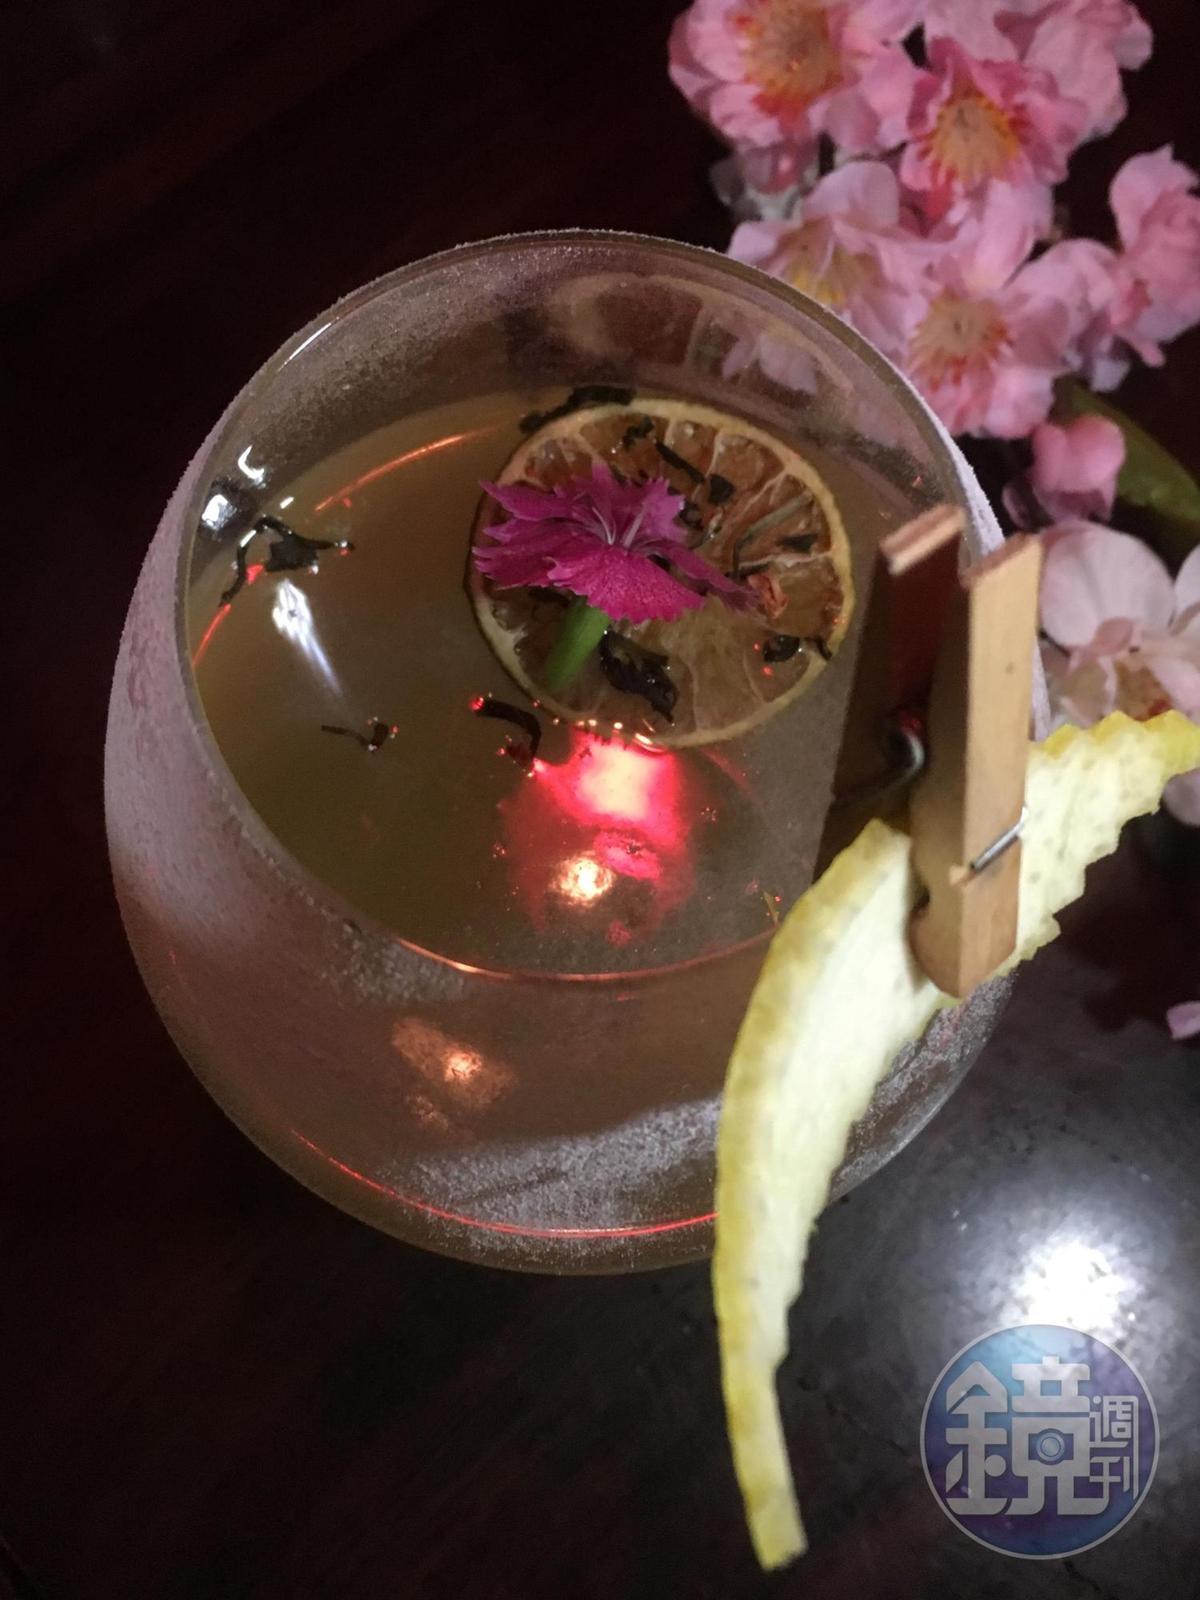 「玉露冰茶」加入藥草酒、葡萄利口酒、茉莉香片,酸甜中帶點茶香。(450元/杯,安慰劑提供)